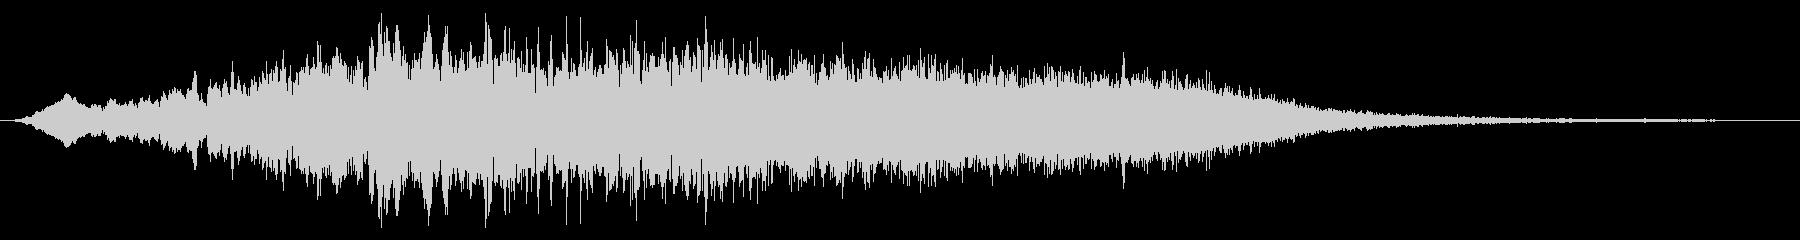 シンセファンネルライザーの未再生の波形